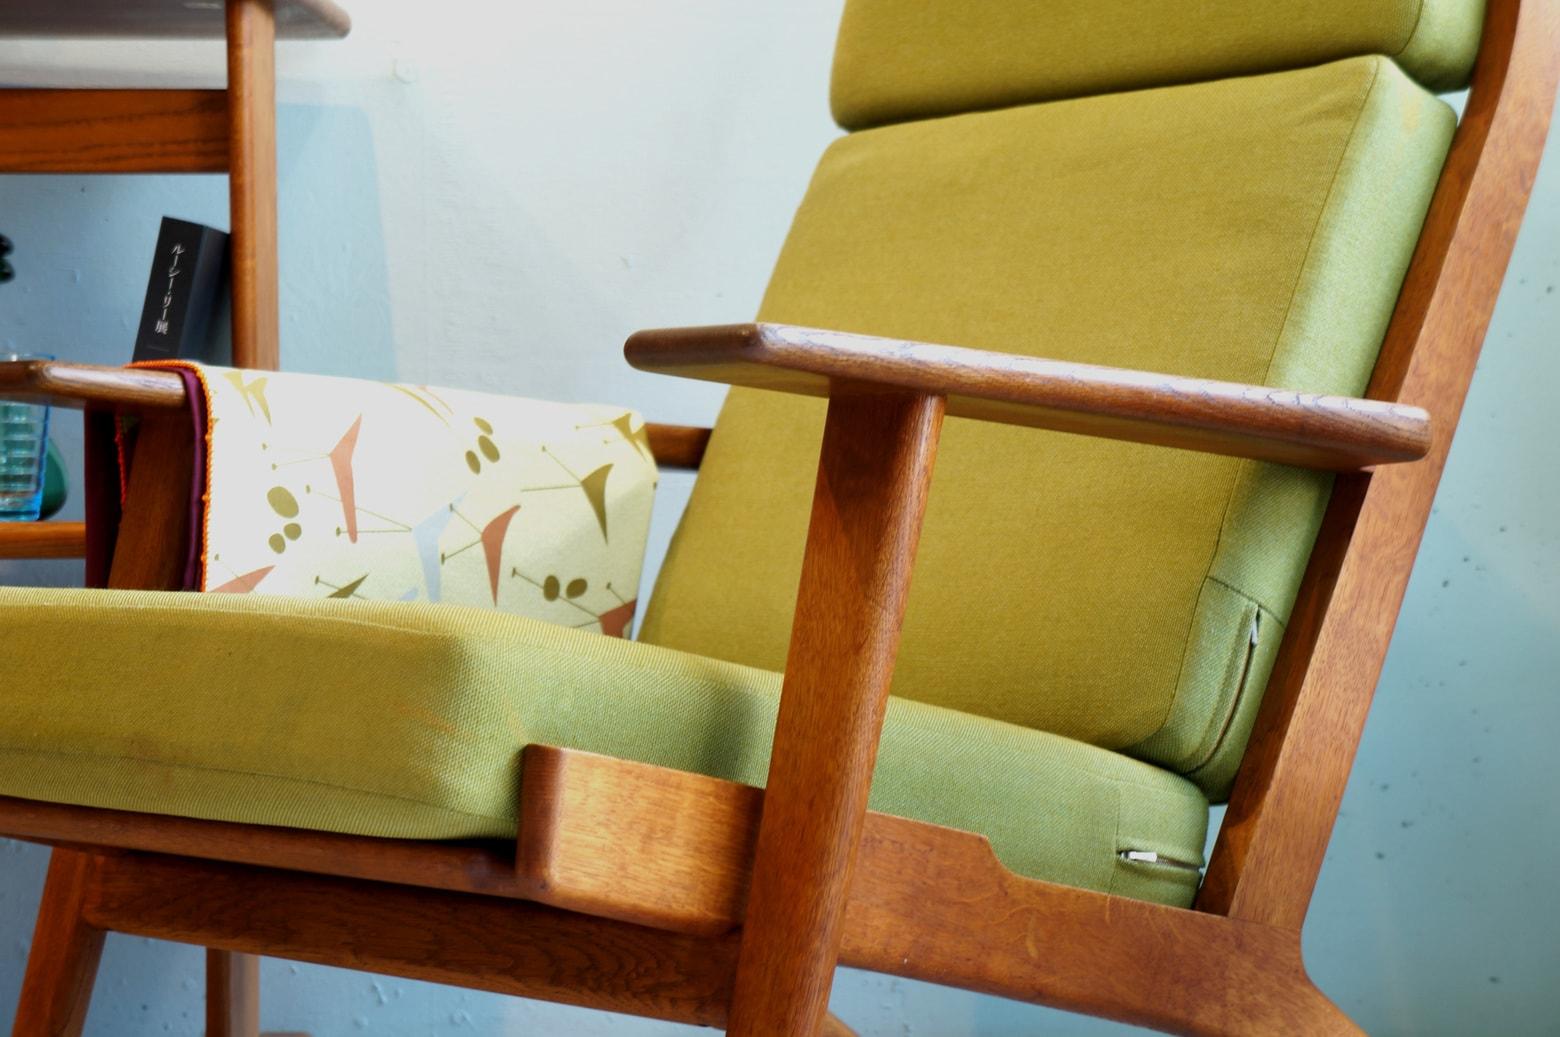 1899年、マットレスの専門メーカーとしてデンマークで設立された『GETAMA/ゲタマ』社。 1950年代初頭からは北欧デザイン界の巨匠、ハンス・J・ウェグナーとの共同開発を行い、数々の名作を生み出しました。 その中でもウェグナーの代表作であり、北欧家具の代名詞とも言えるのが1953年に発表された『GE290』シリーズです。 今回入荷したものはハイバックタイプのイージーチェア『GE290A』。 傾斜がかかった後脚がすっと伸びた、特徴的なデザイン。 元々はマットレス専門メーカーだったゲタマらしく、クッションにはコイルスプリングが内蔵されています。 クッションの程よい弾力とホールド感、フレームの絶妙な角度で以ってこの上ない最高の座り心地を実現しています。 たとえリビングの中にあったとしても、このチェアに座れば誰にも邪魔させることなく自分だけの至福の時間を過ごせそう… オリジナルアイテムのため、経年によるフレーム表面の擦れやファブリックのシミがございます。また、一部ファスナーの破損がございます。その他に使用に差し支えるほどの大きなダメージはございません。フレームはビンテージの風合いをお楽しみいただけるよう着色の少ない天然油を主成分としたメンテナンス用オイルで仕上げております。 長い間世界中で愛され続ける名作家具の美しいフォルムというのは、デザイン重視の観点で生まれたものではなく、機能性を考えた上で生まれたもの。時代が変わっていく中でもその美しさが変わらないのは理由があって作り出されたフォルムだからこそなんですね。 ~【東京都杉並区阿佐ヶ谷北アンティークショップ 古一】 古一/ふるいちでは出張無料買取も行っております。杉並区周辺はもちろん、世田谷区・目黒区・武蔵野市・新宿区等の東京近郊のお見積もりも!ビンテージ家具・インテリア雑貨・ランプ・USED品・ リサイクルなら古一/フルイチへ~